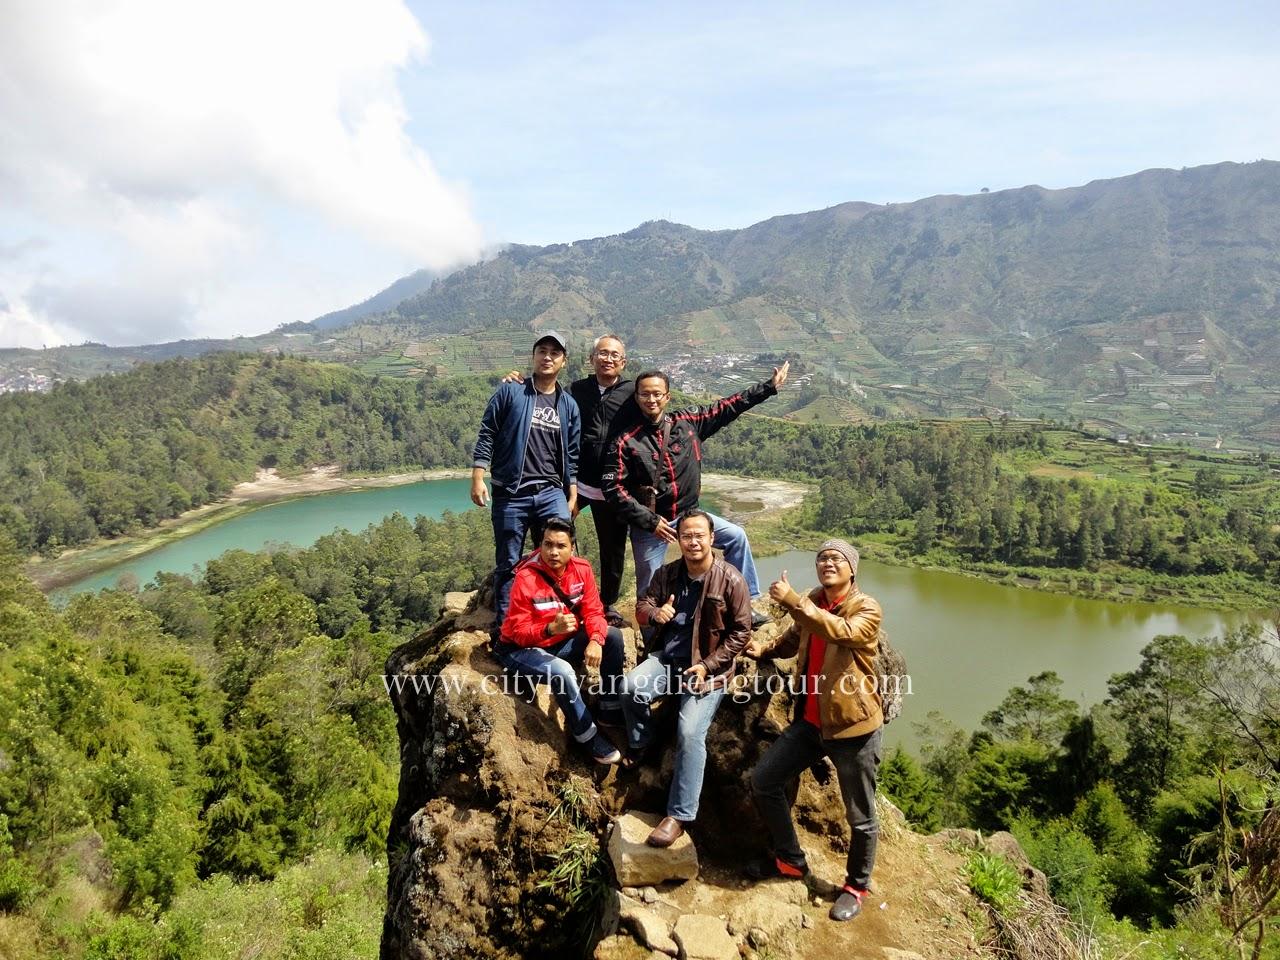 http://cityhyangdiengtour.blogspot.com/2014/08/batu-pandang_22.html